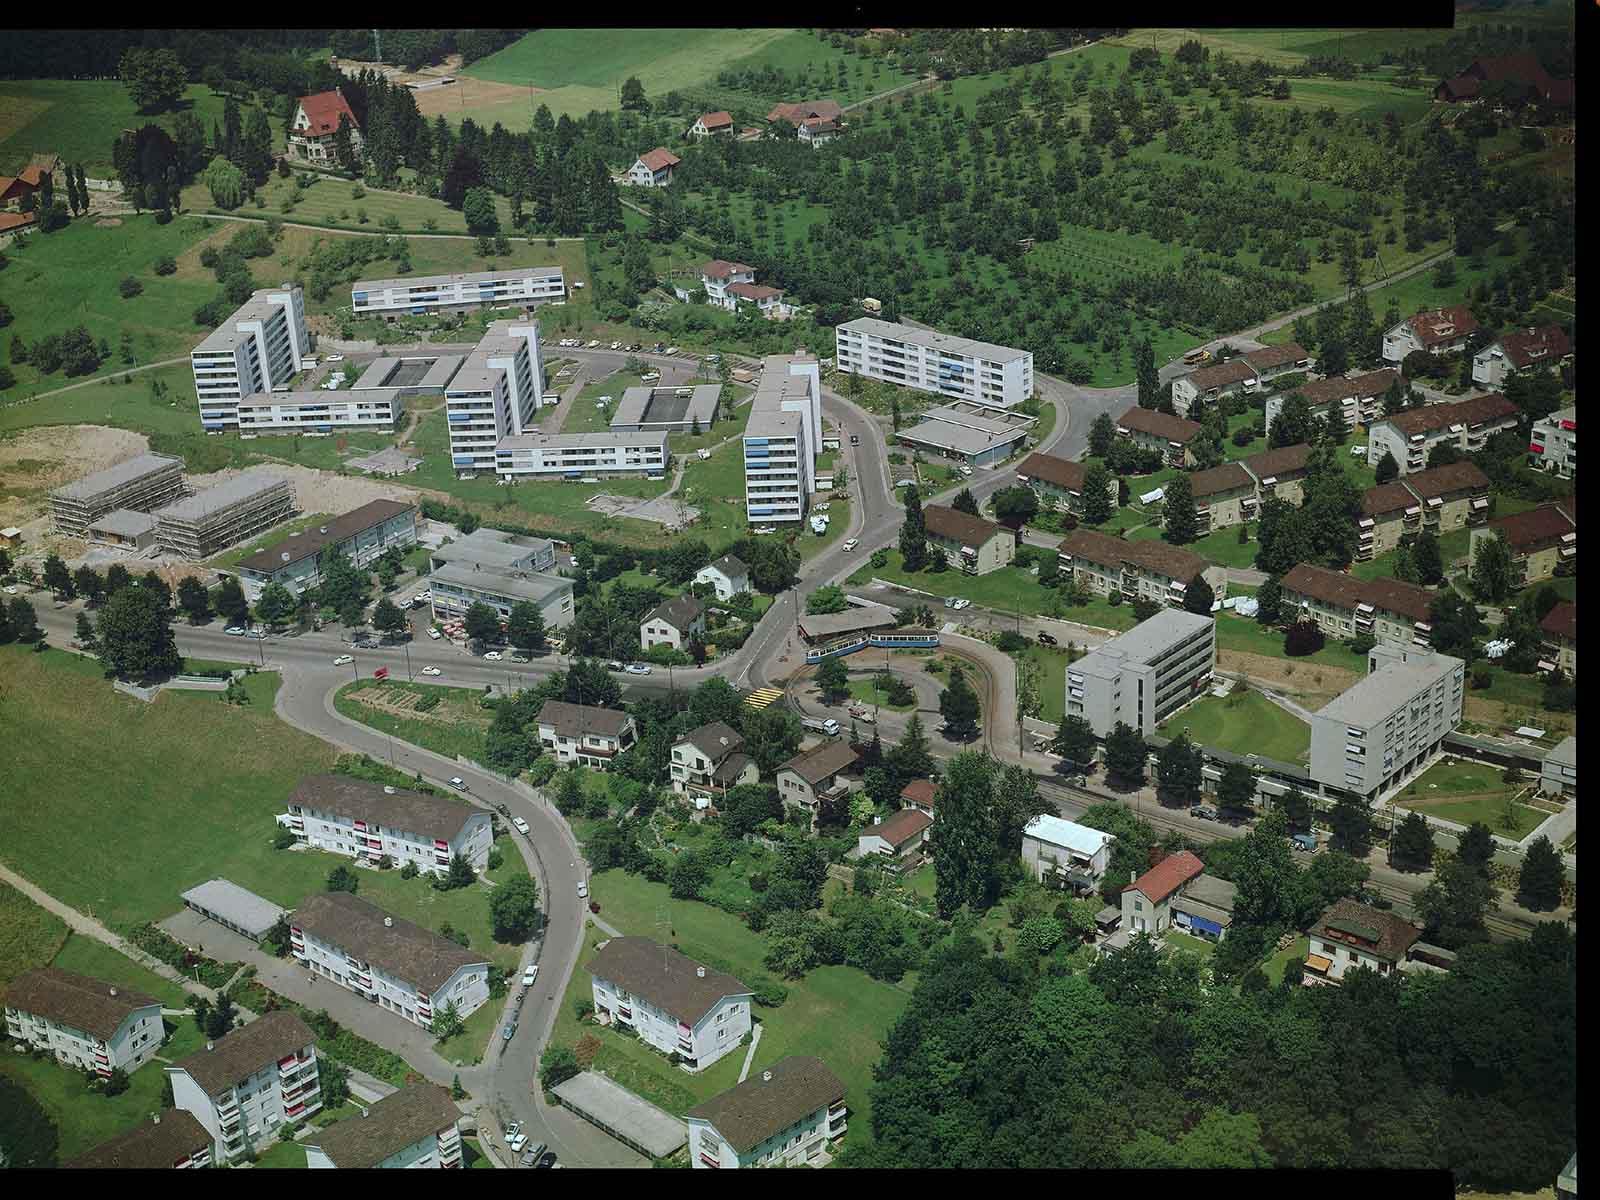 1964 wurde bis an die Stadtgrenze gebaut. Grosse Siedlungen sollten Wohnraum für die stark wachsende Bevölkerung bieten. Im Vergleich zu heute wirkt das Gebiet noch immer sehr locker bebaut.